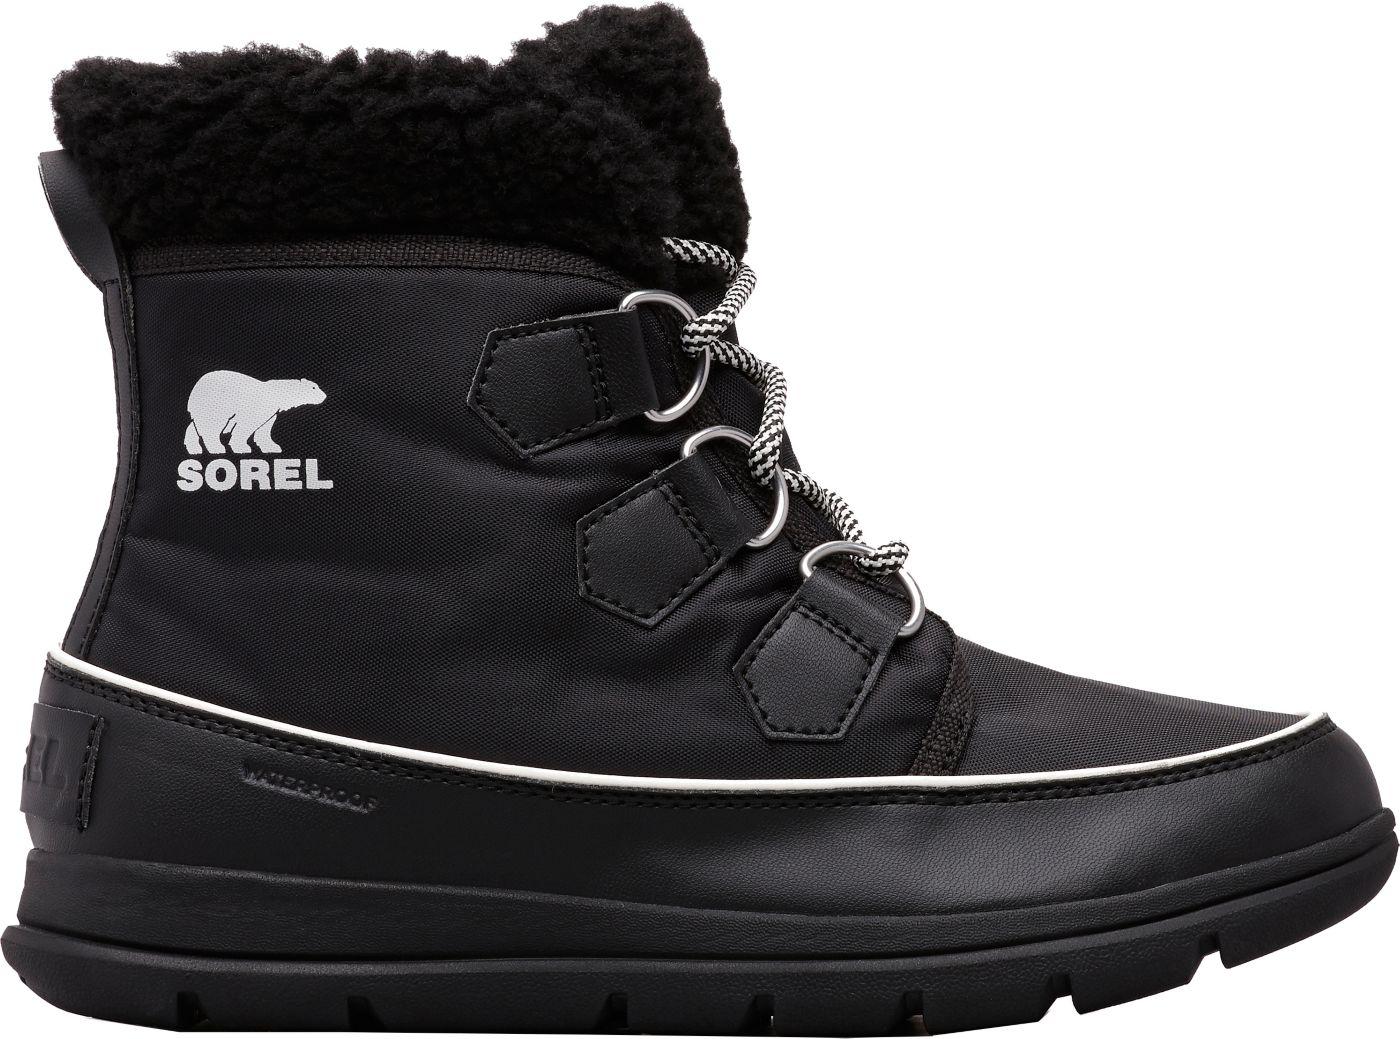 SOREL Women's Explorer Carnival 100g Waterproof Winter Boots